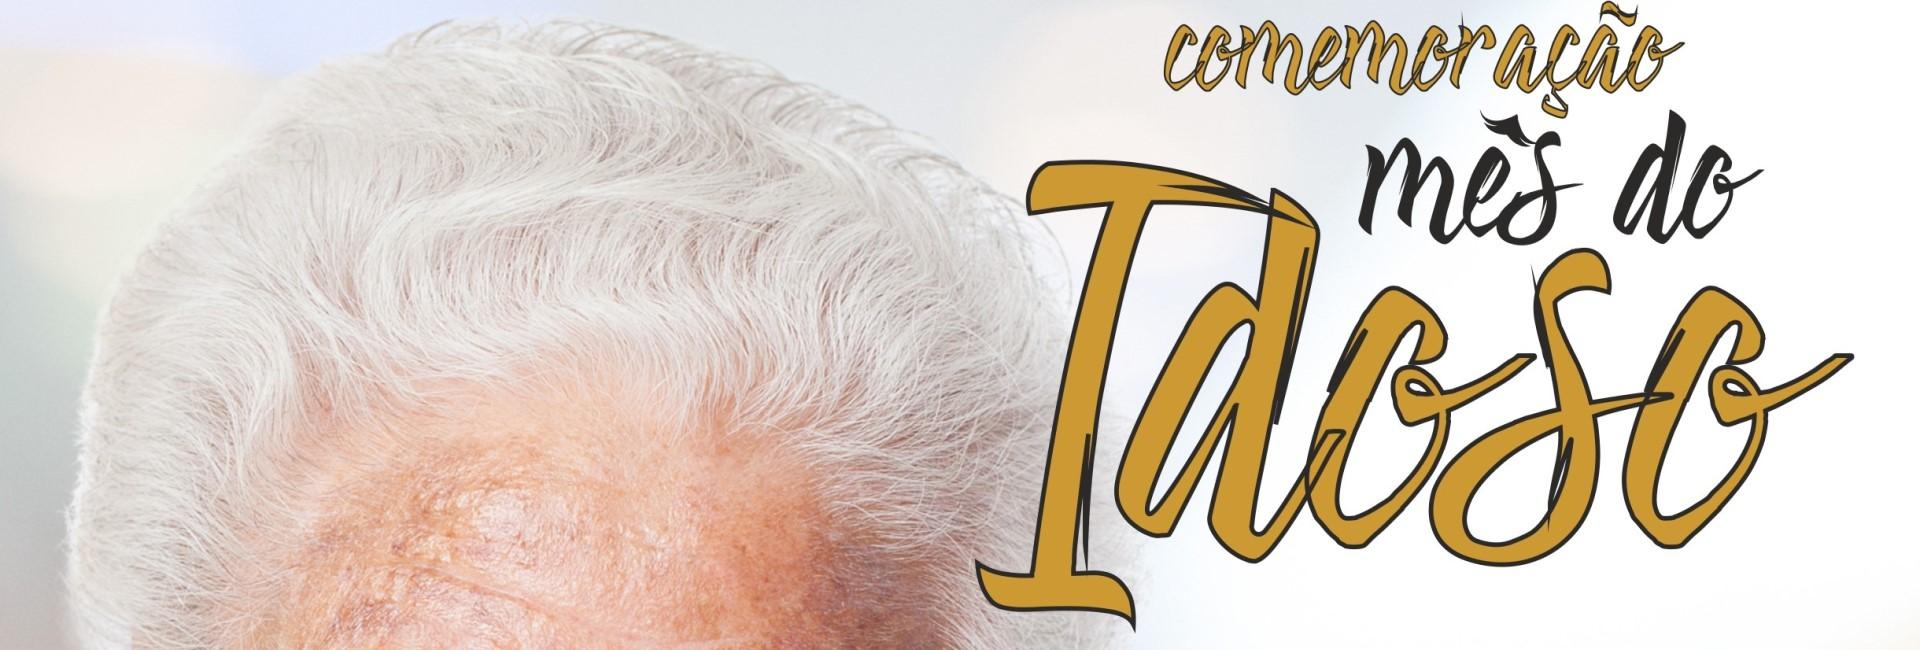 (Português) Comemorações do Mês do Idoso